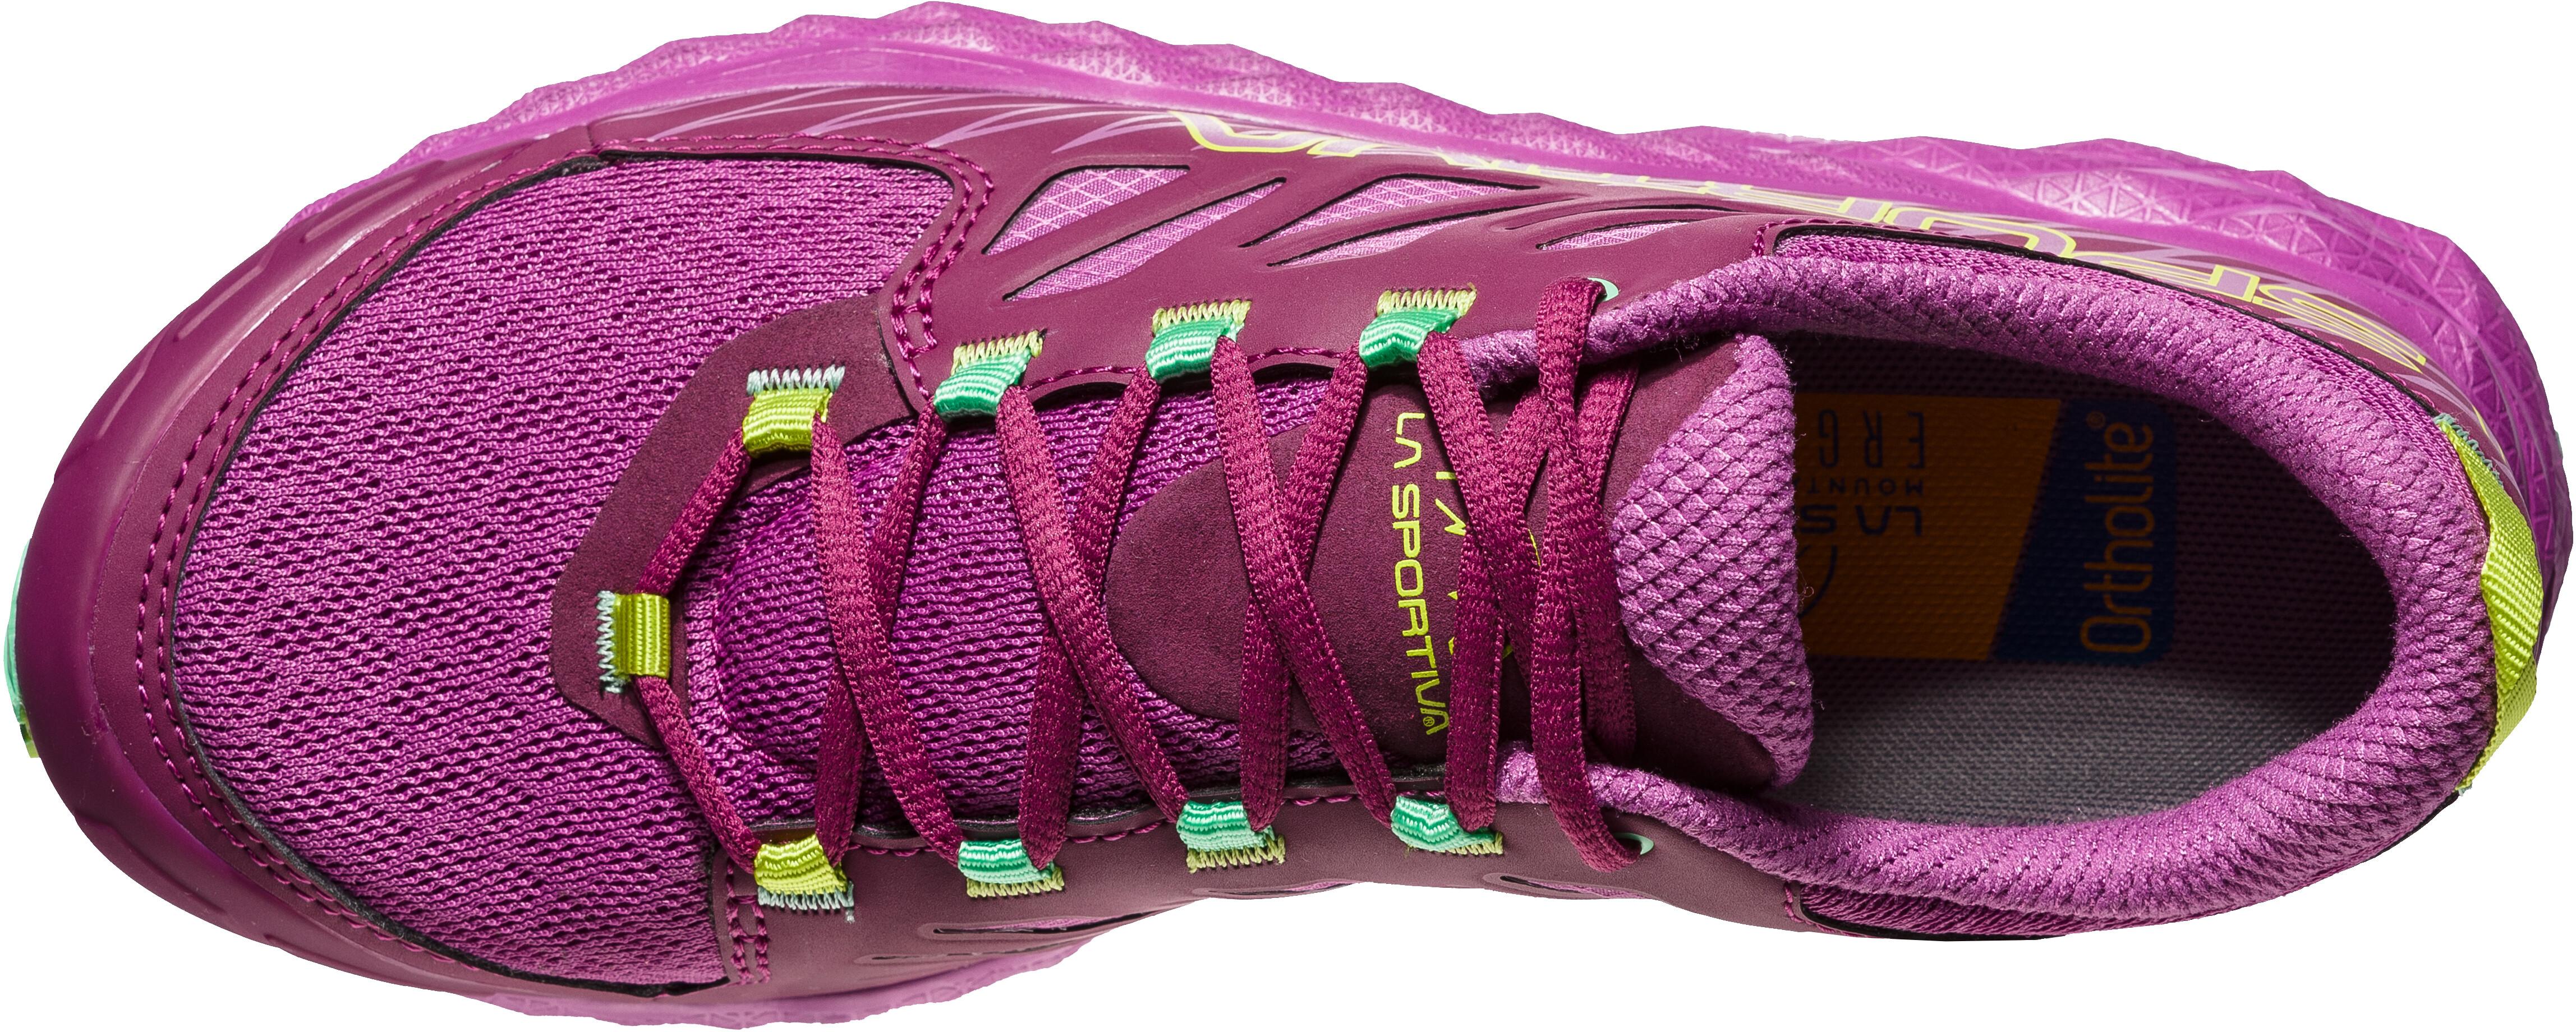 c311b7da6ccd6 La Sportiva Lycan - Zapatillas running Mujer - violeta